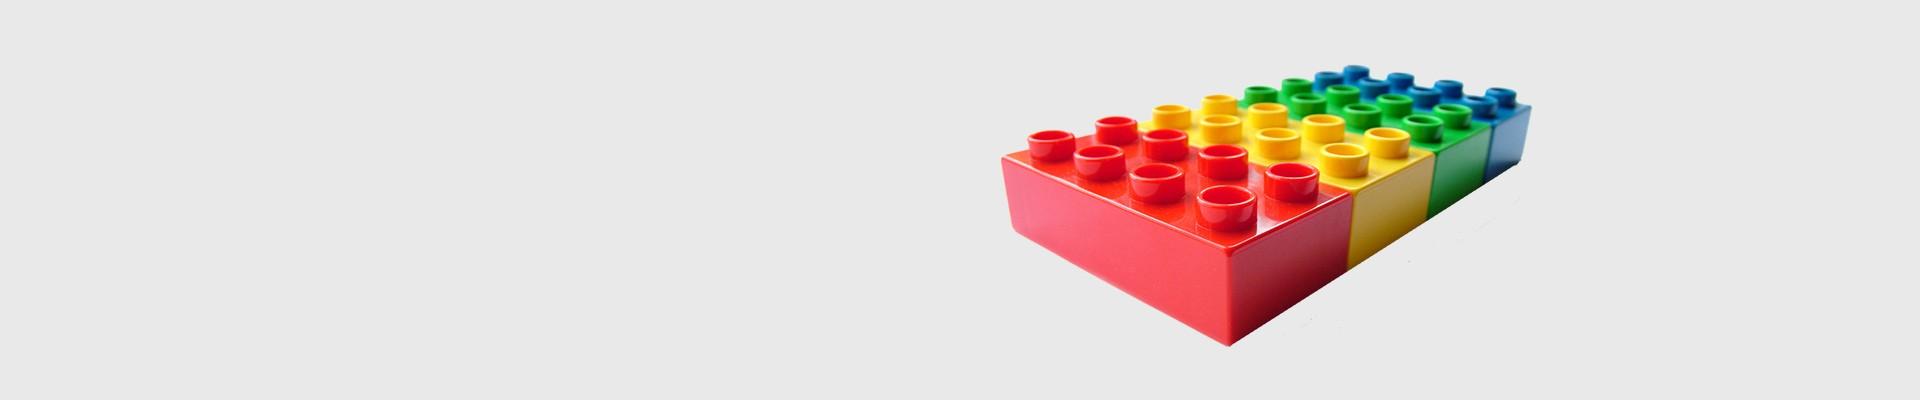 Jual Mainan Brick Lego Harga Terbaik Tokopedia